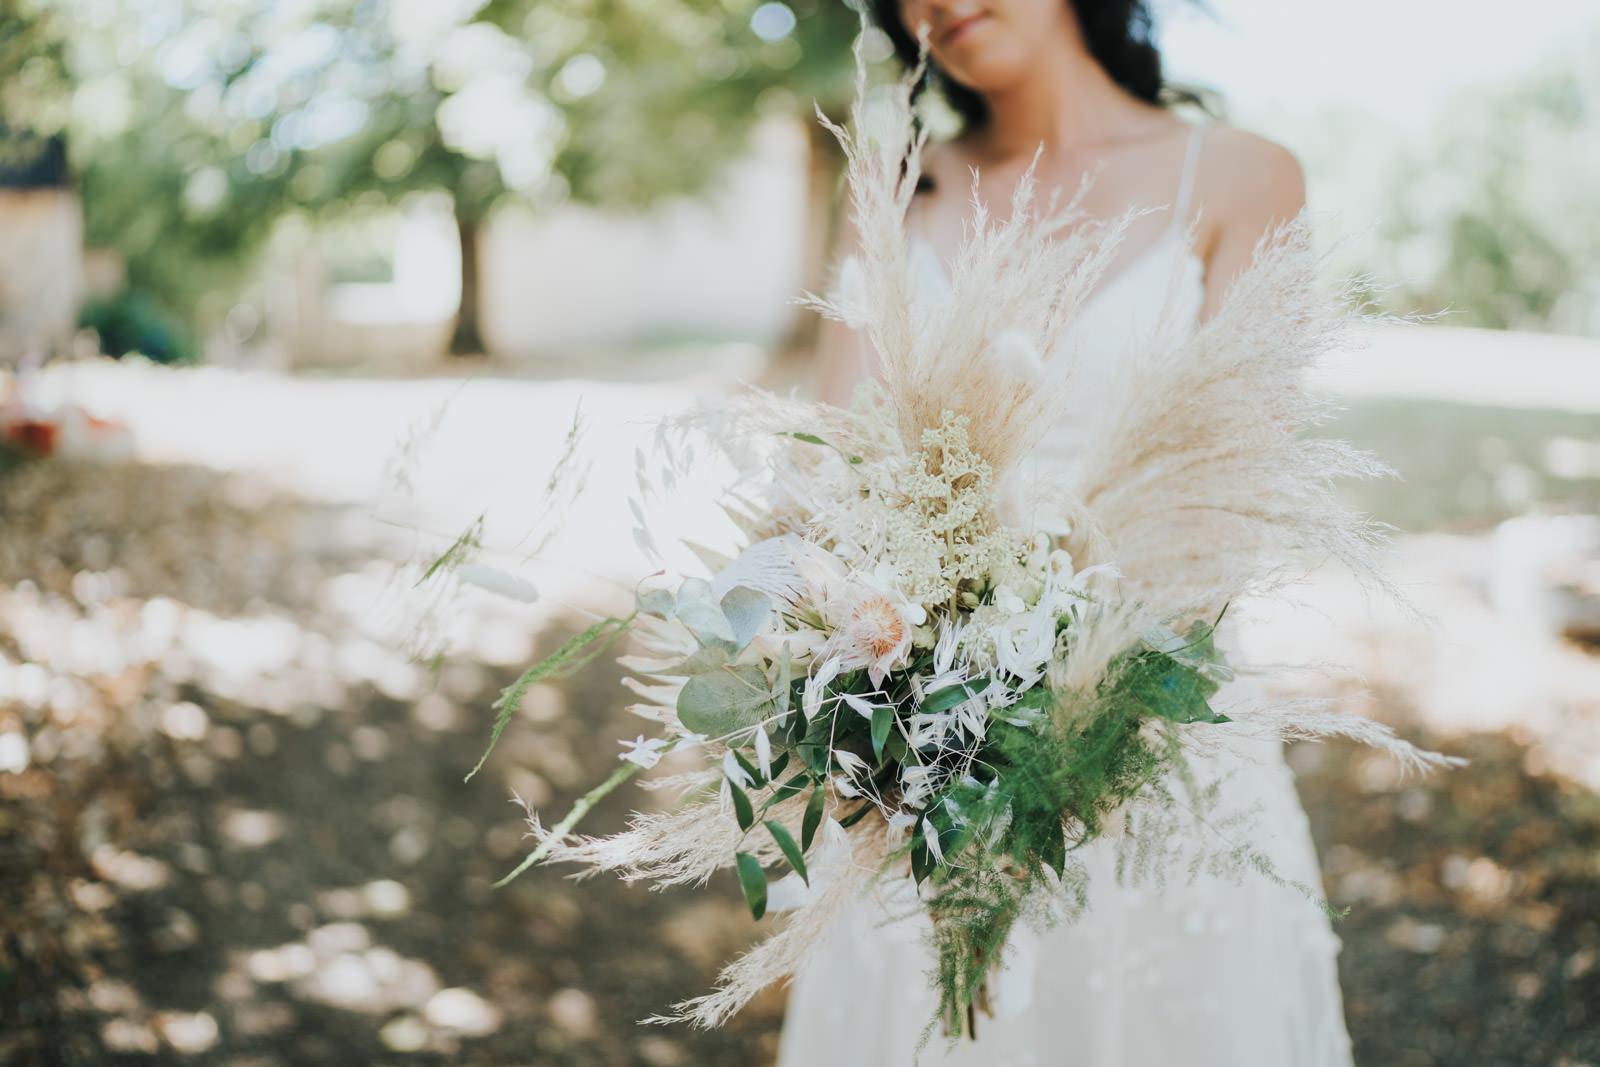 Photographe de mariage à Limoges - Vivien Malagnat - bouquet de la mariée dans la corrèze immortalise par Vivien Malagnat